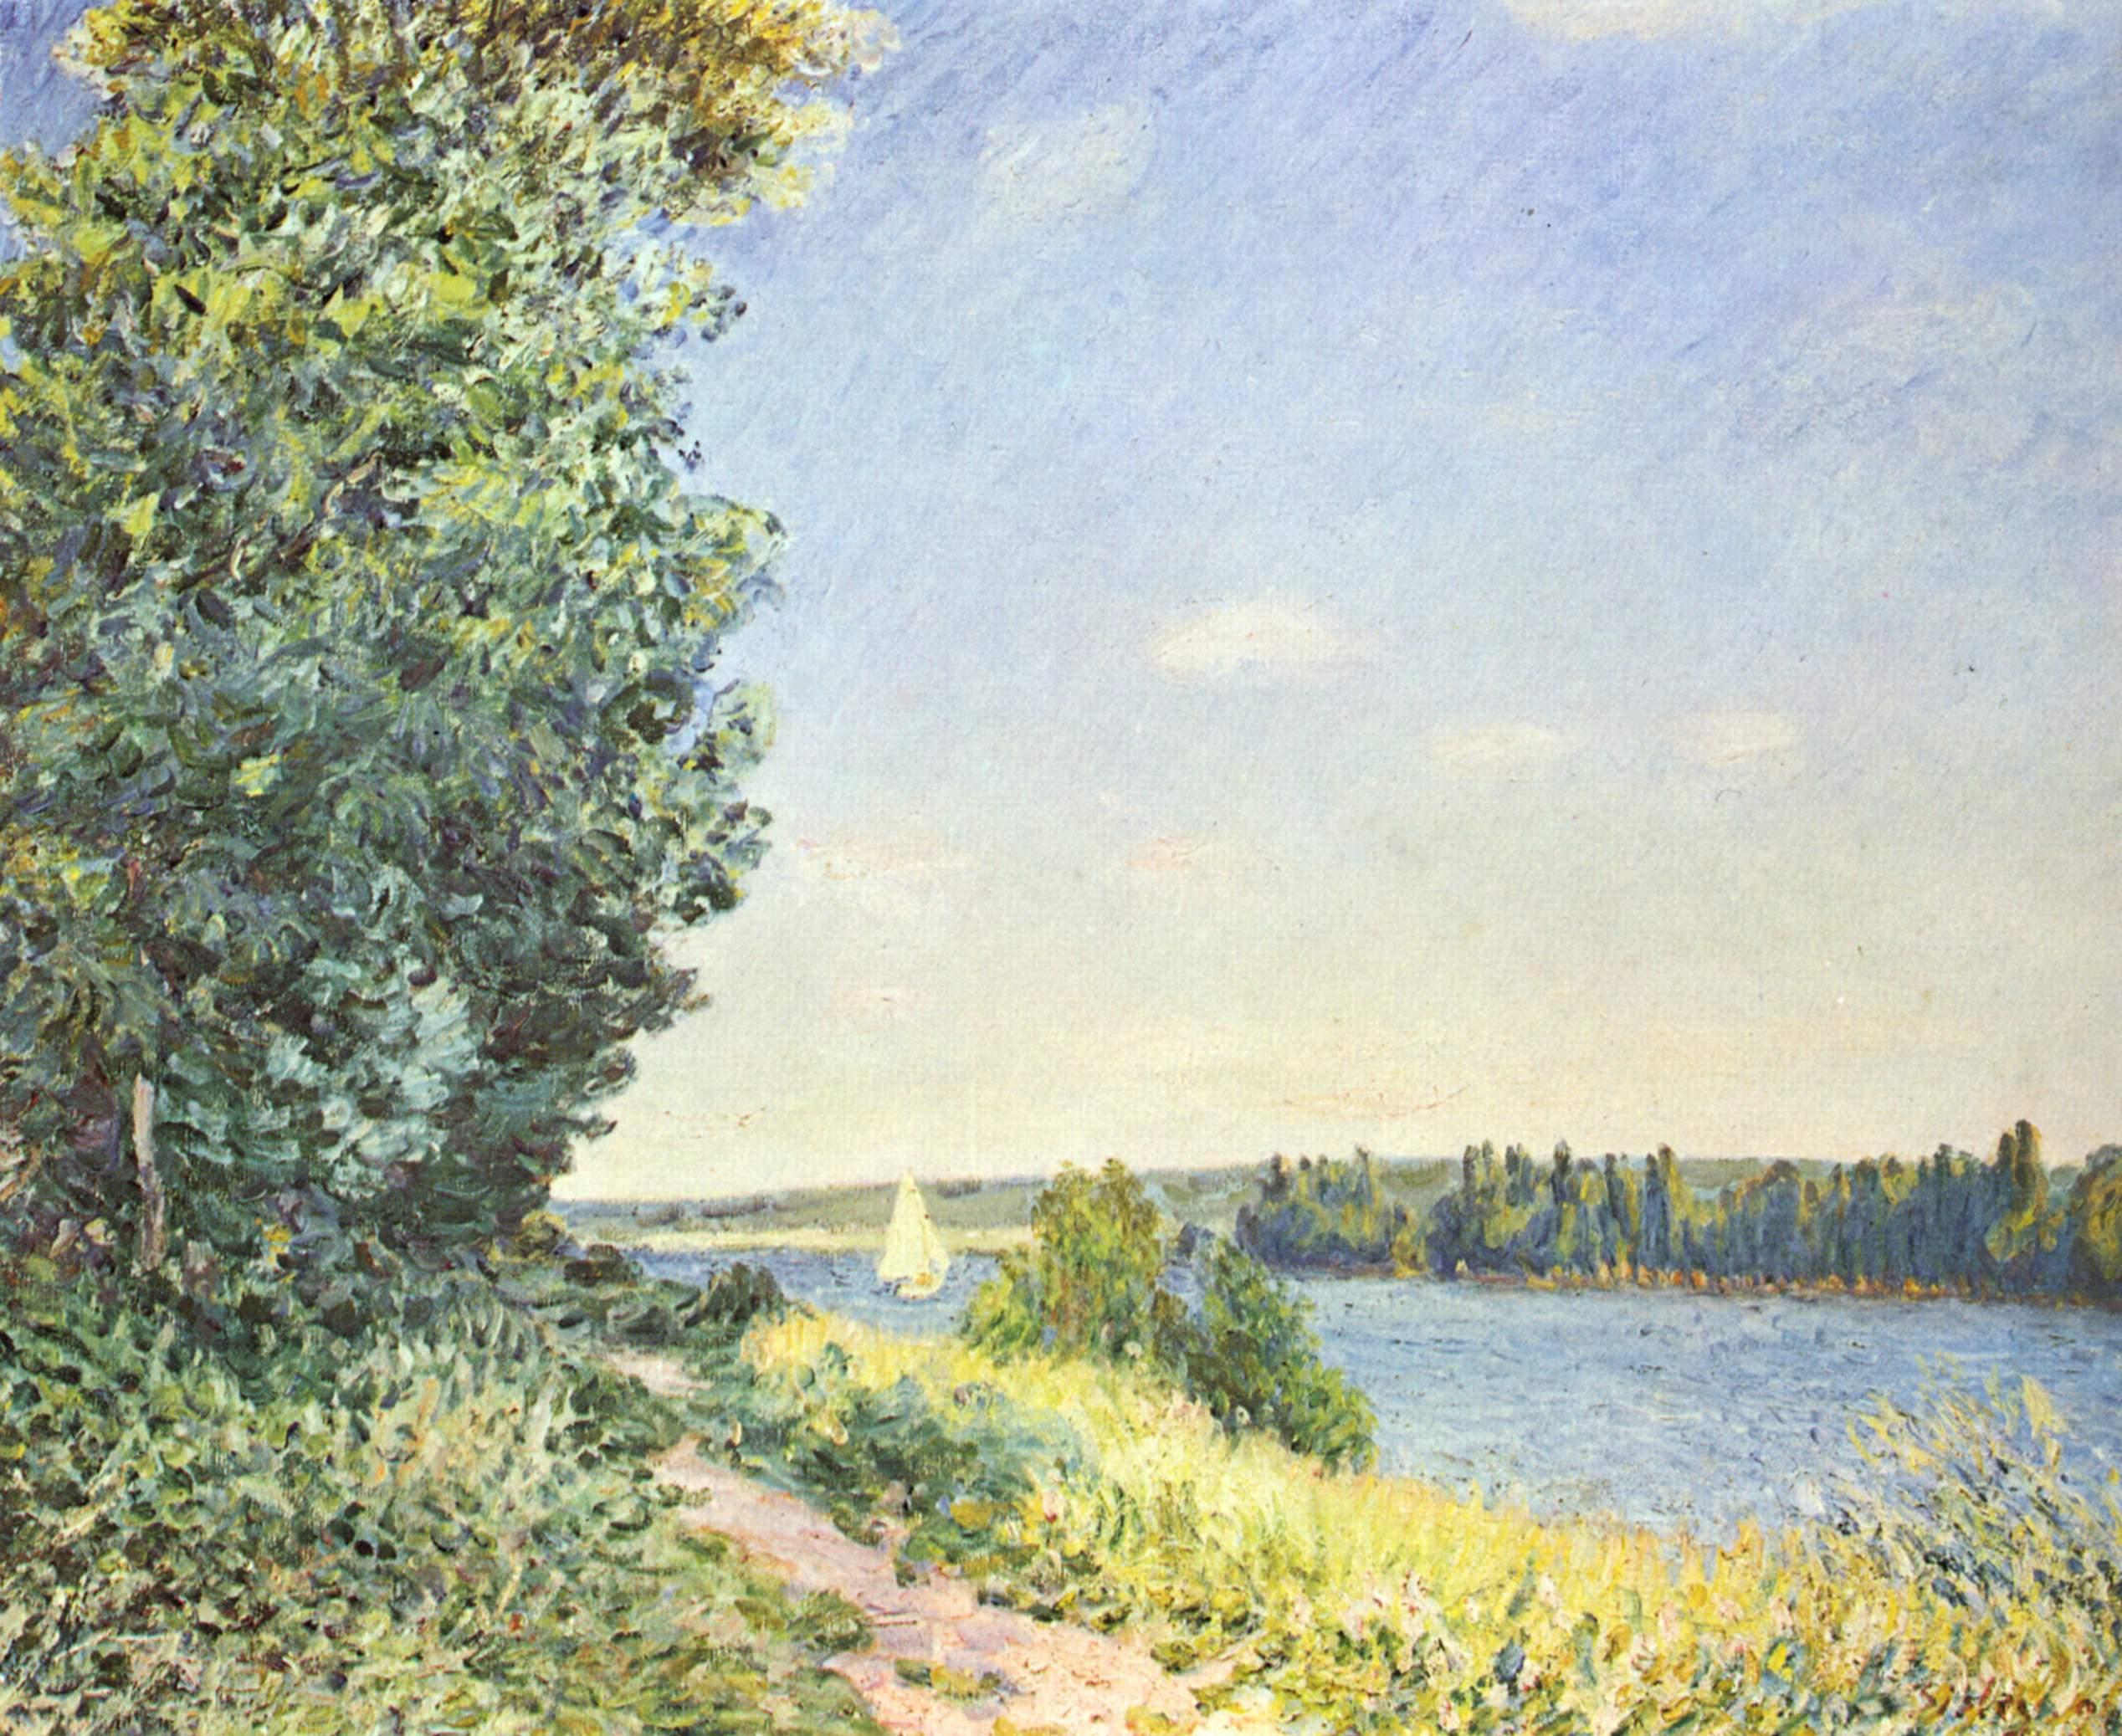 File:Alfred Sisley 045.jpg - Wikimedia Commons